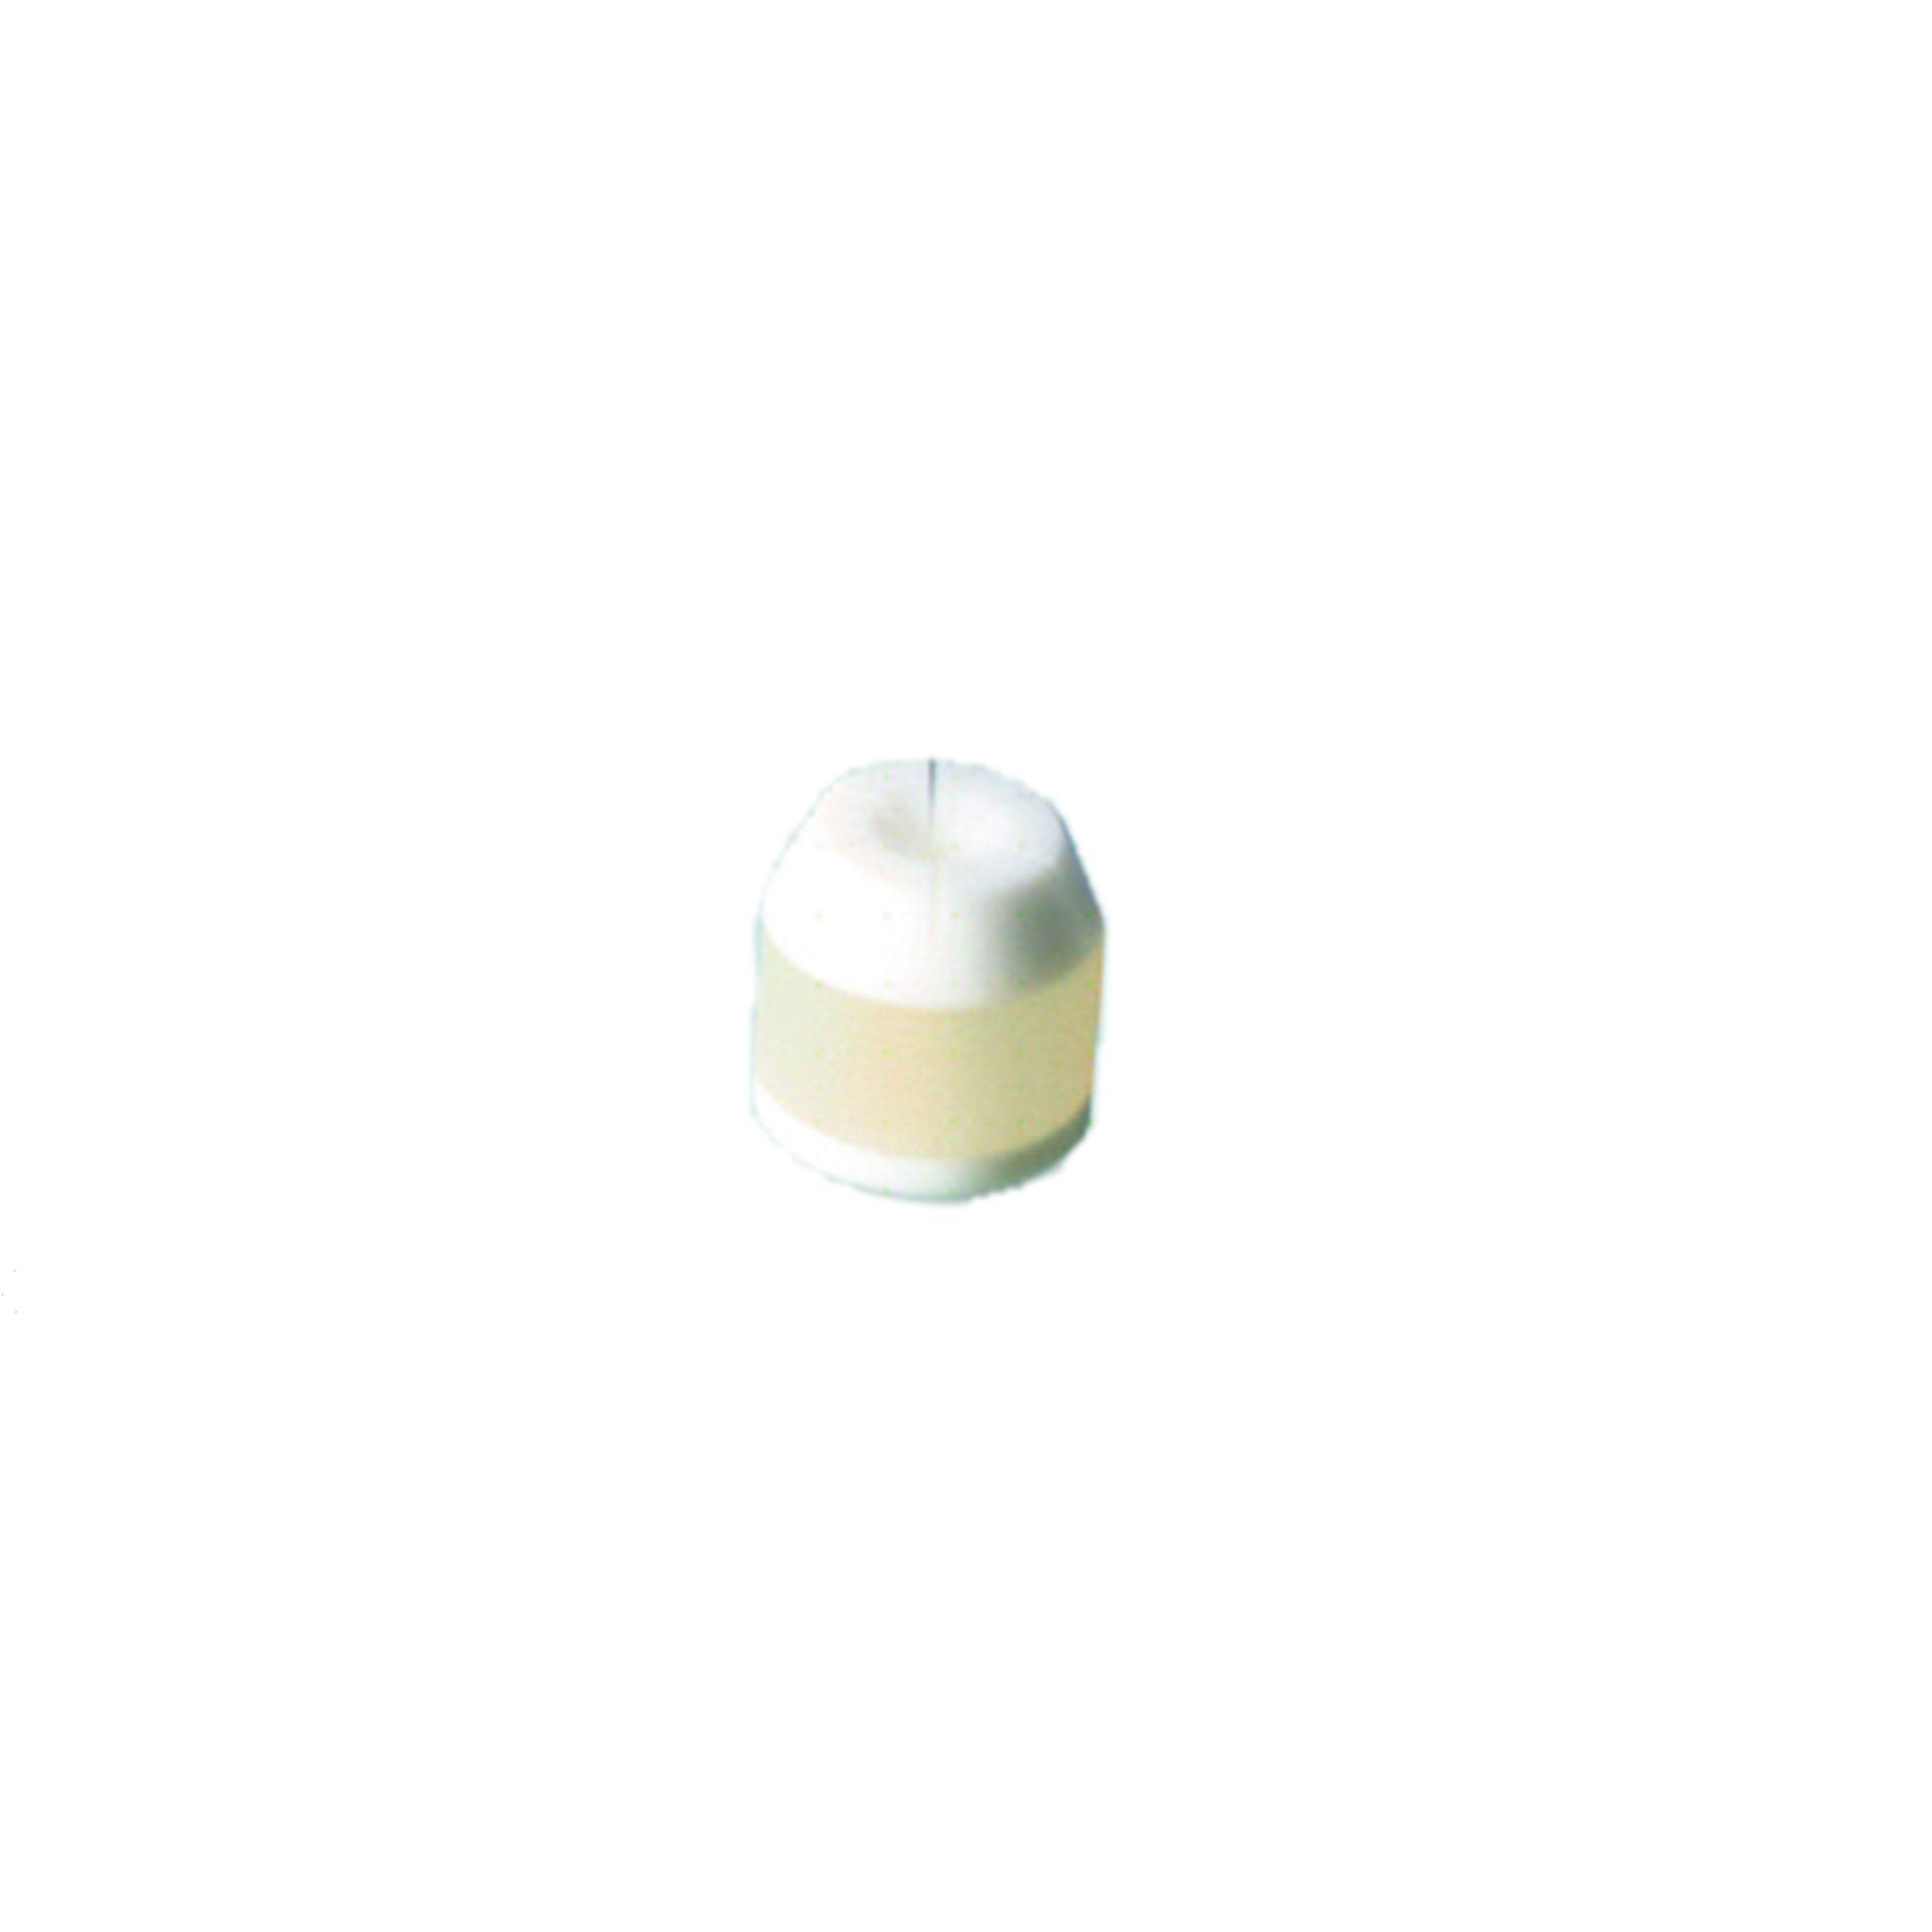 017250-3 インサート ねじ口びん広口4ポートキャップ用 3.2mm 柴田科学(SIBATA)